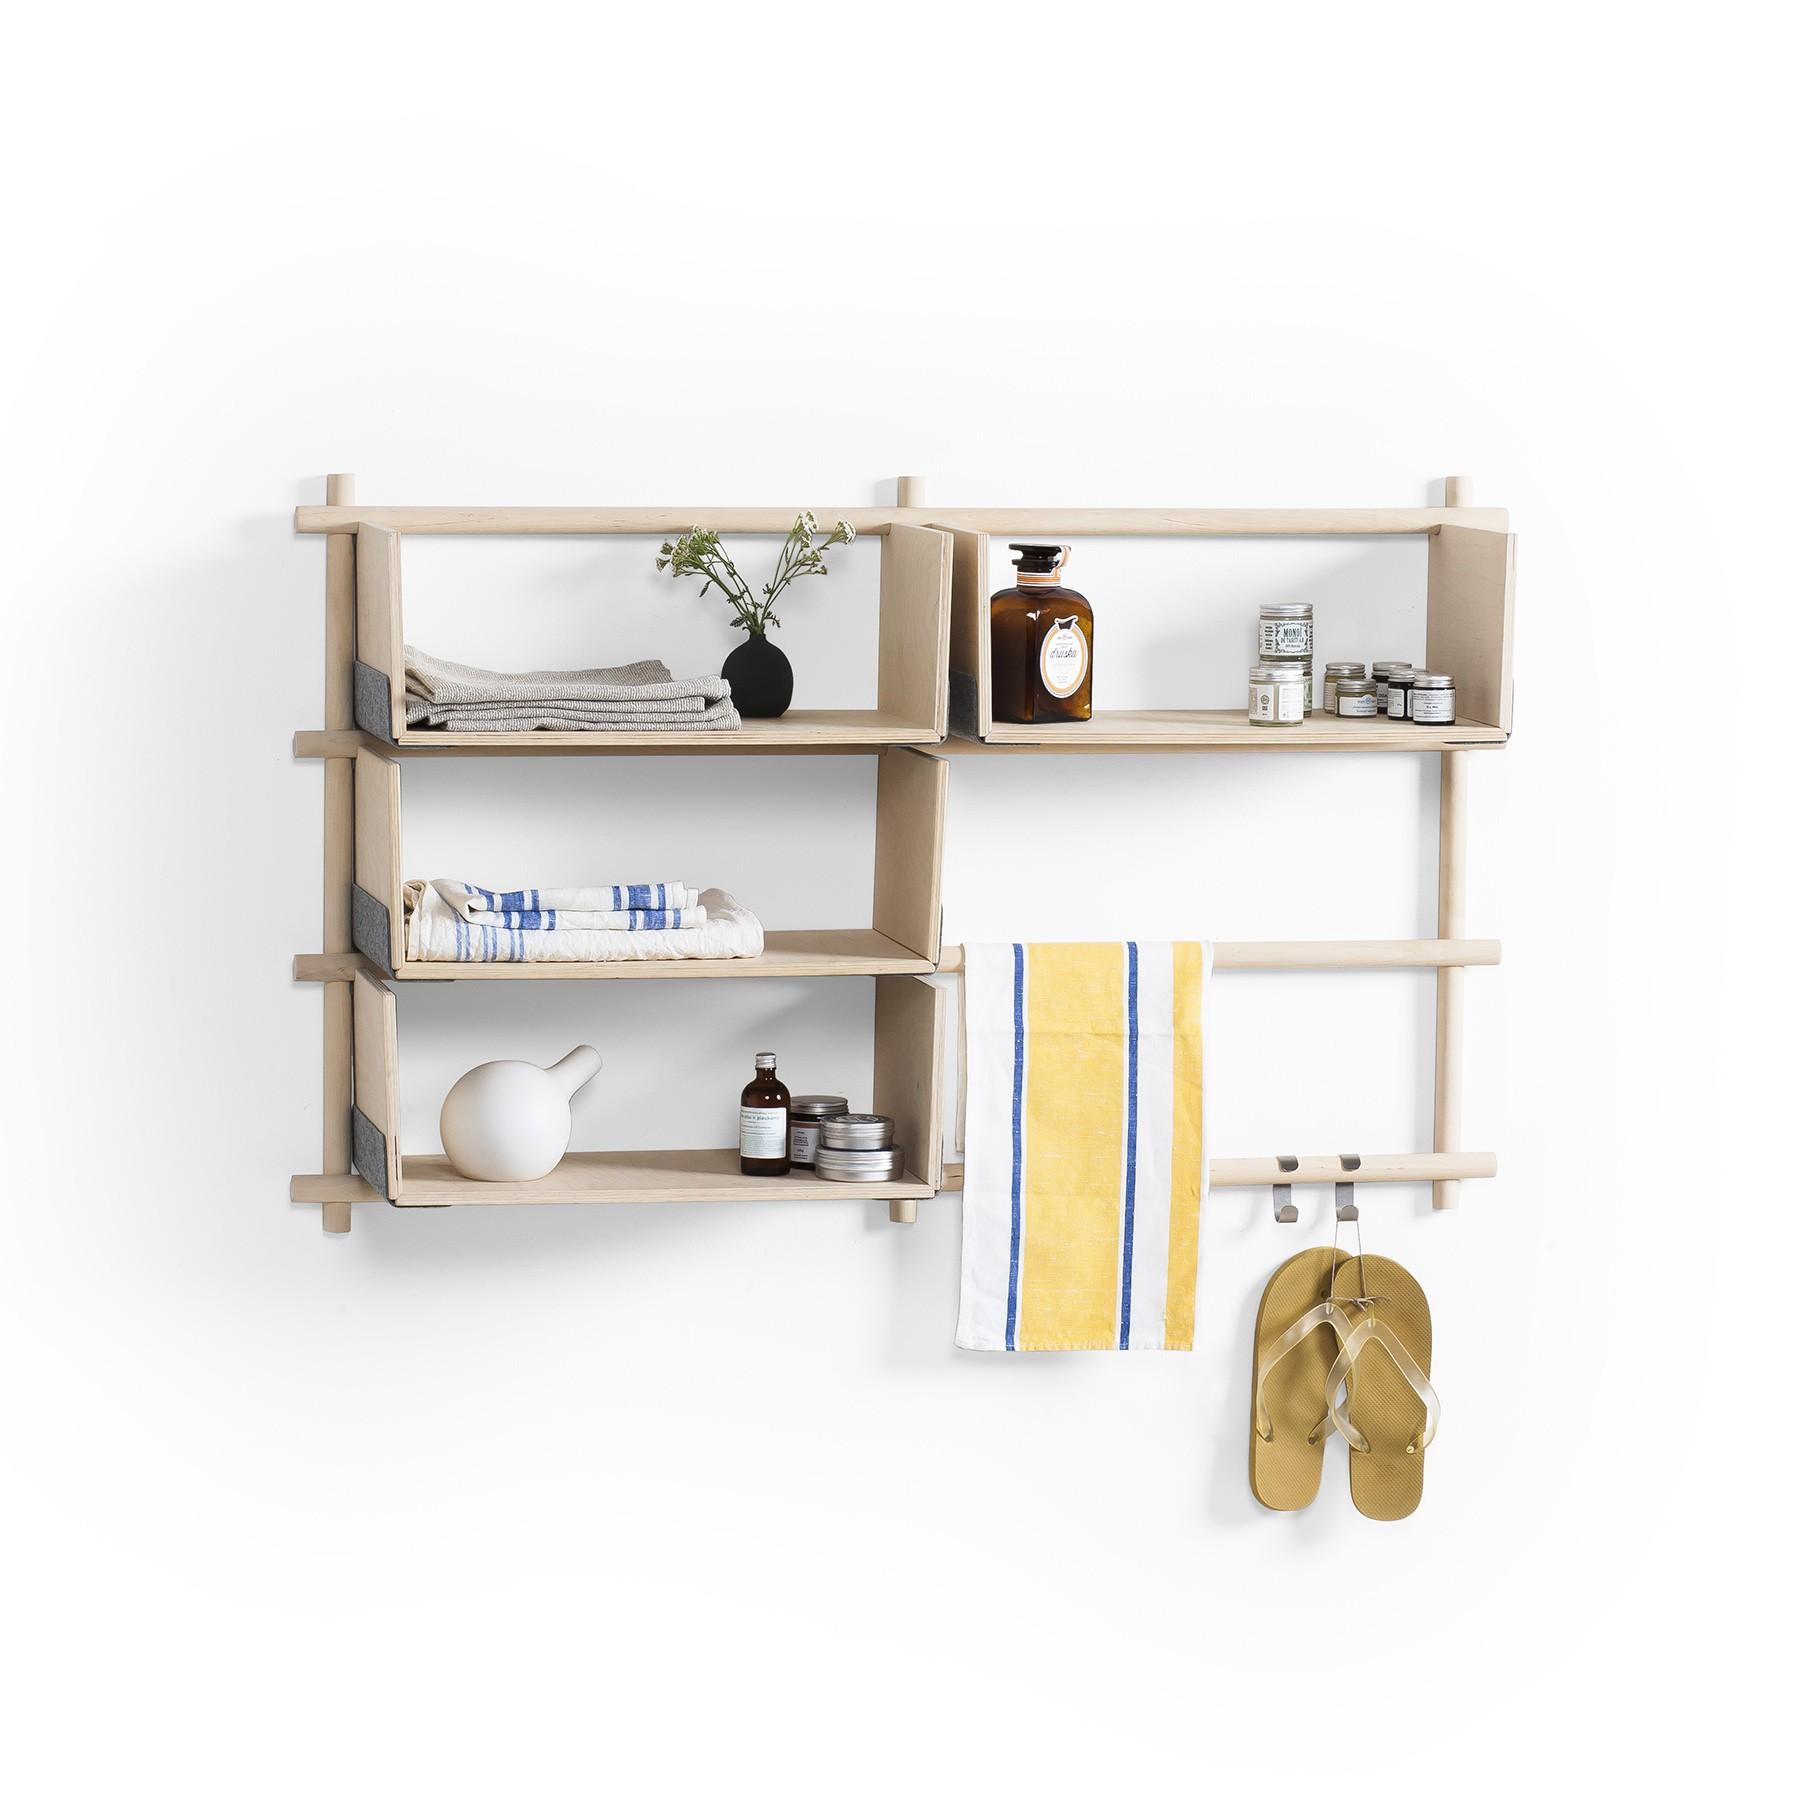 Folding Shelf System